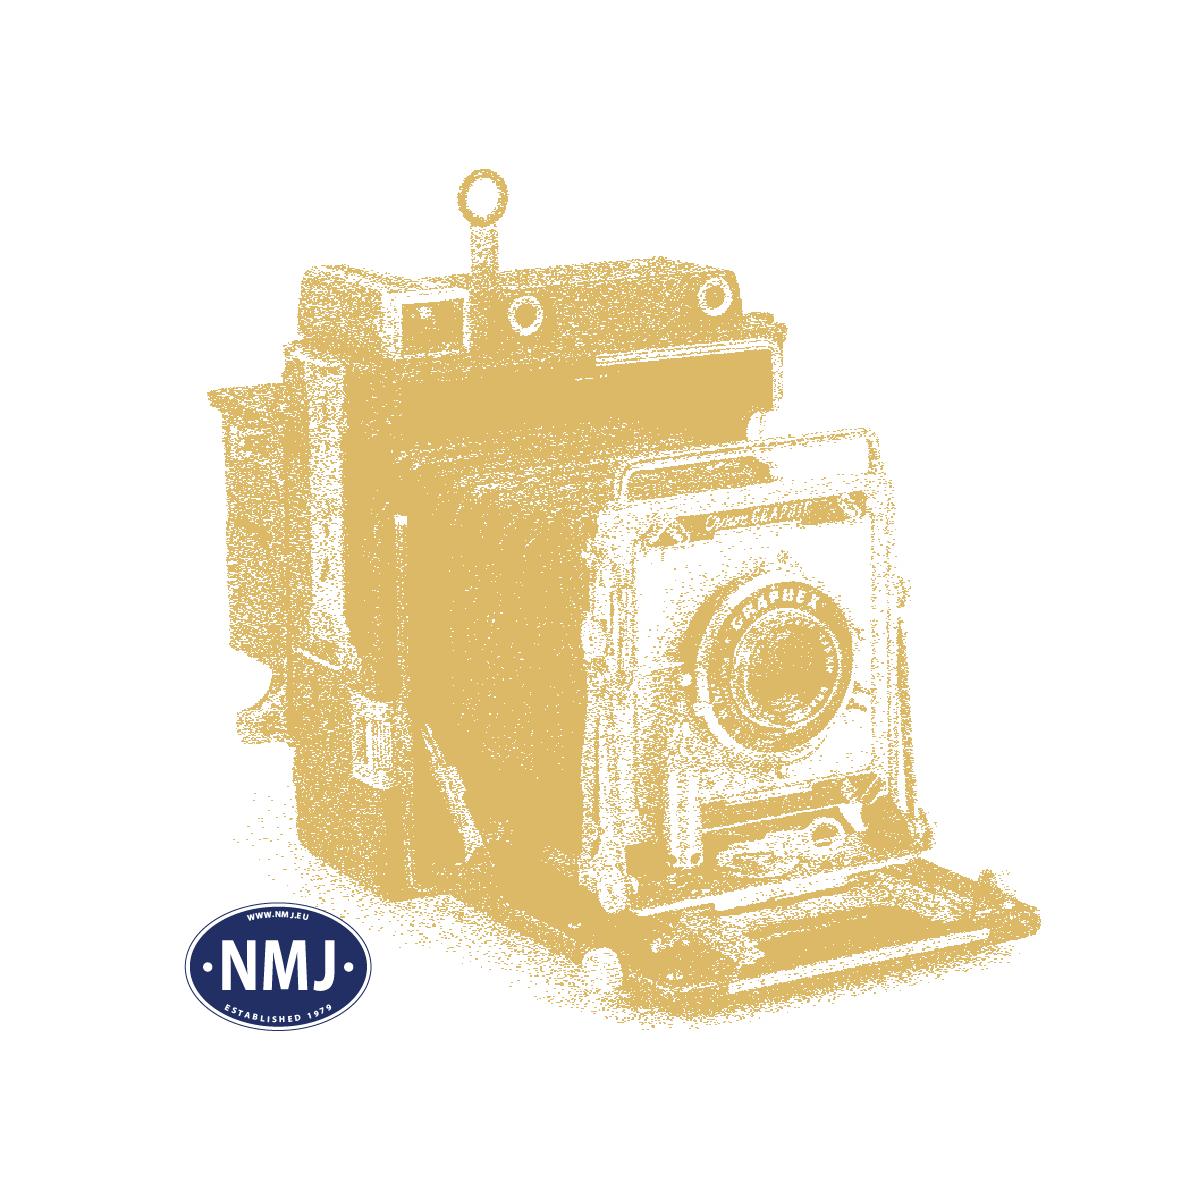 TRI21528 - Digitalt Startsett m/ Damplok og 3 Vogner